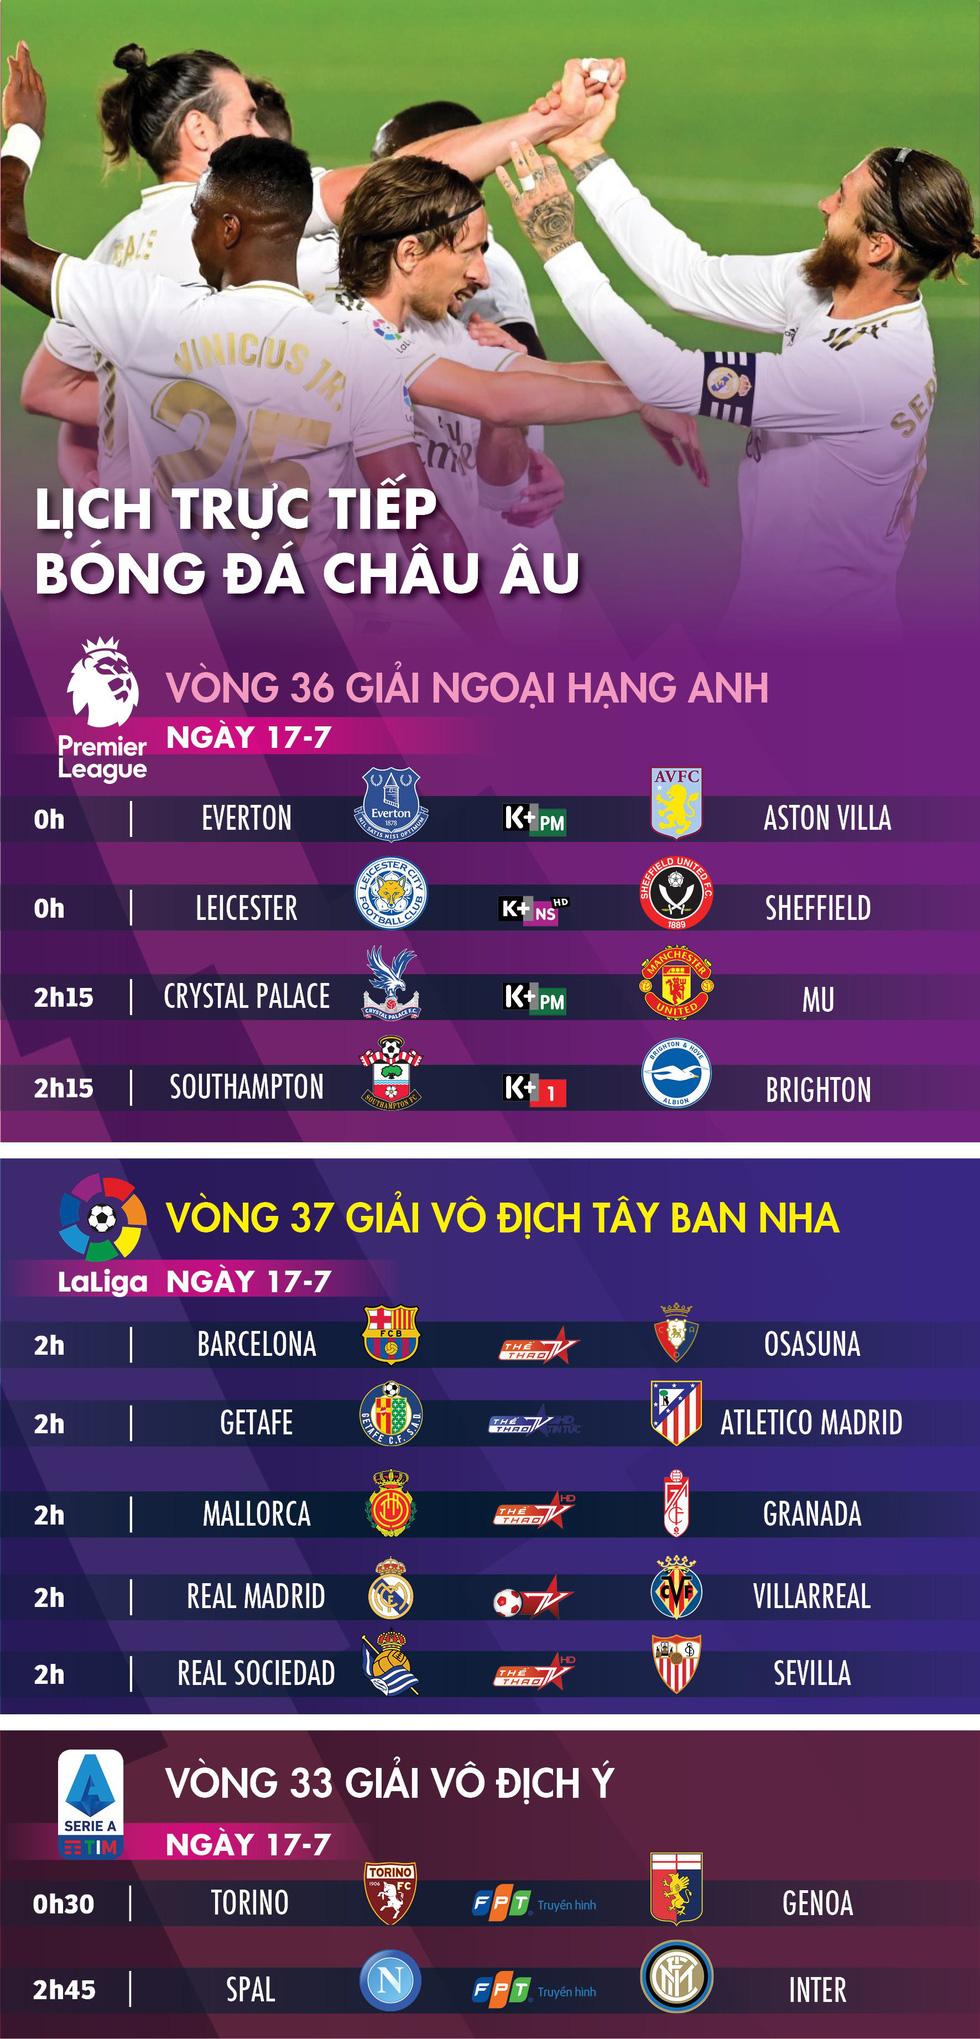 Lịch trực tiếp bóng đá châu Âu 17-7: Chờ Real Madrid lên ngôi ở Tây Ban Nha - Ảnh 1.